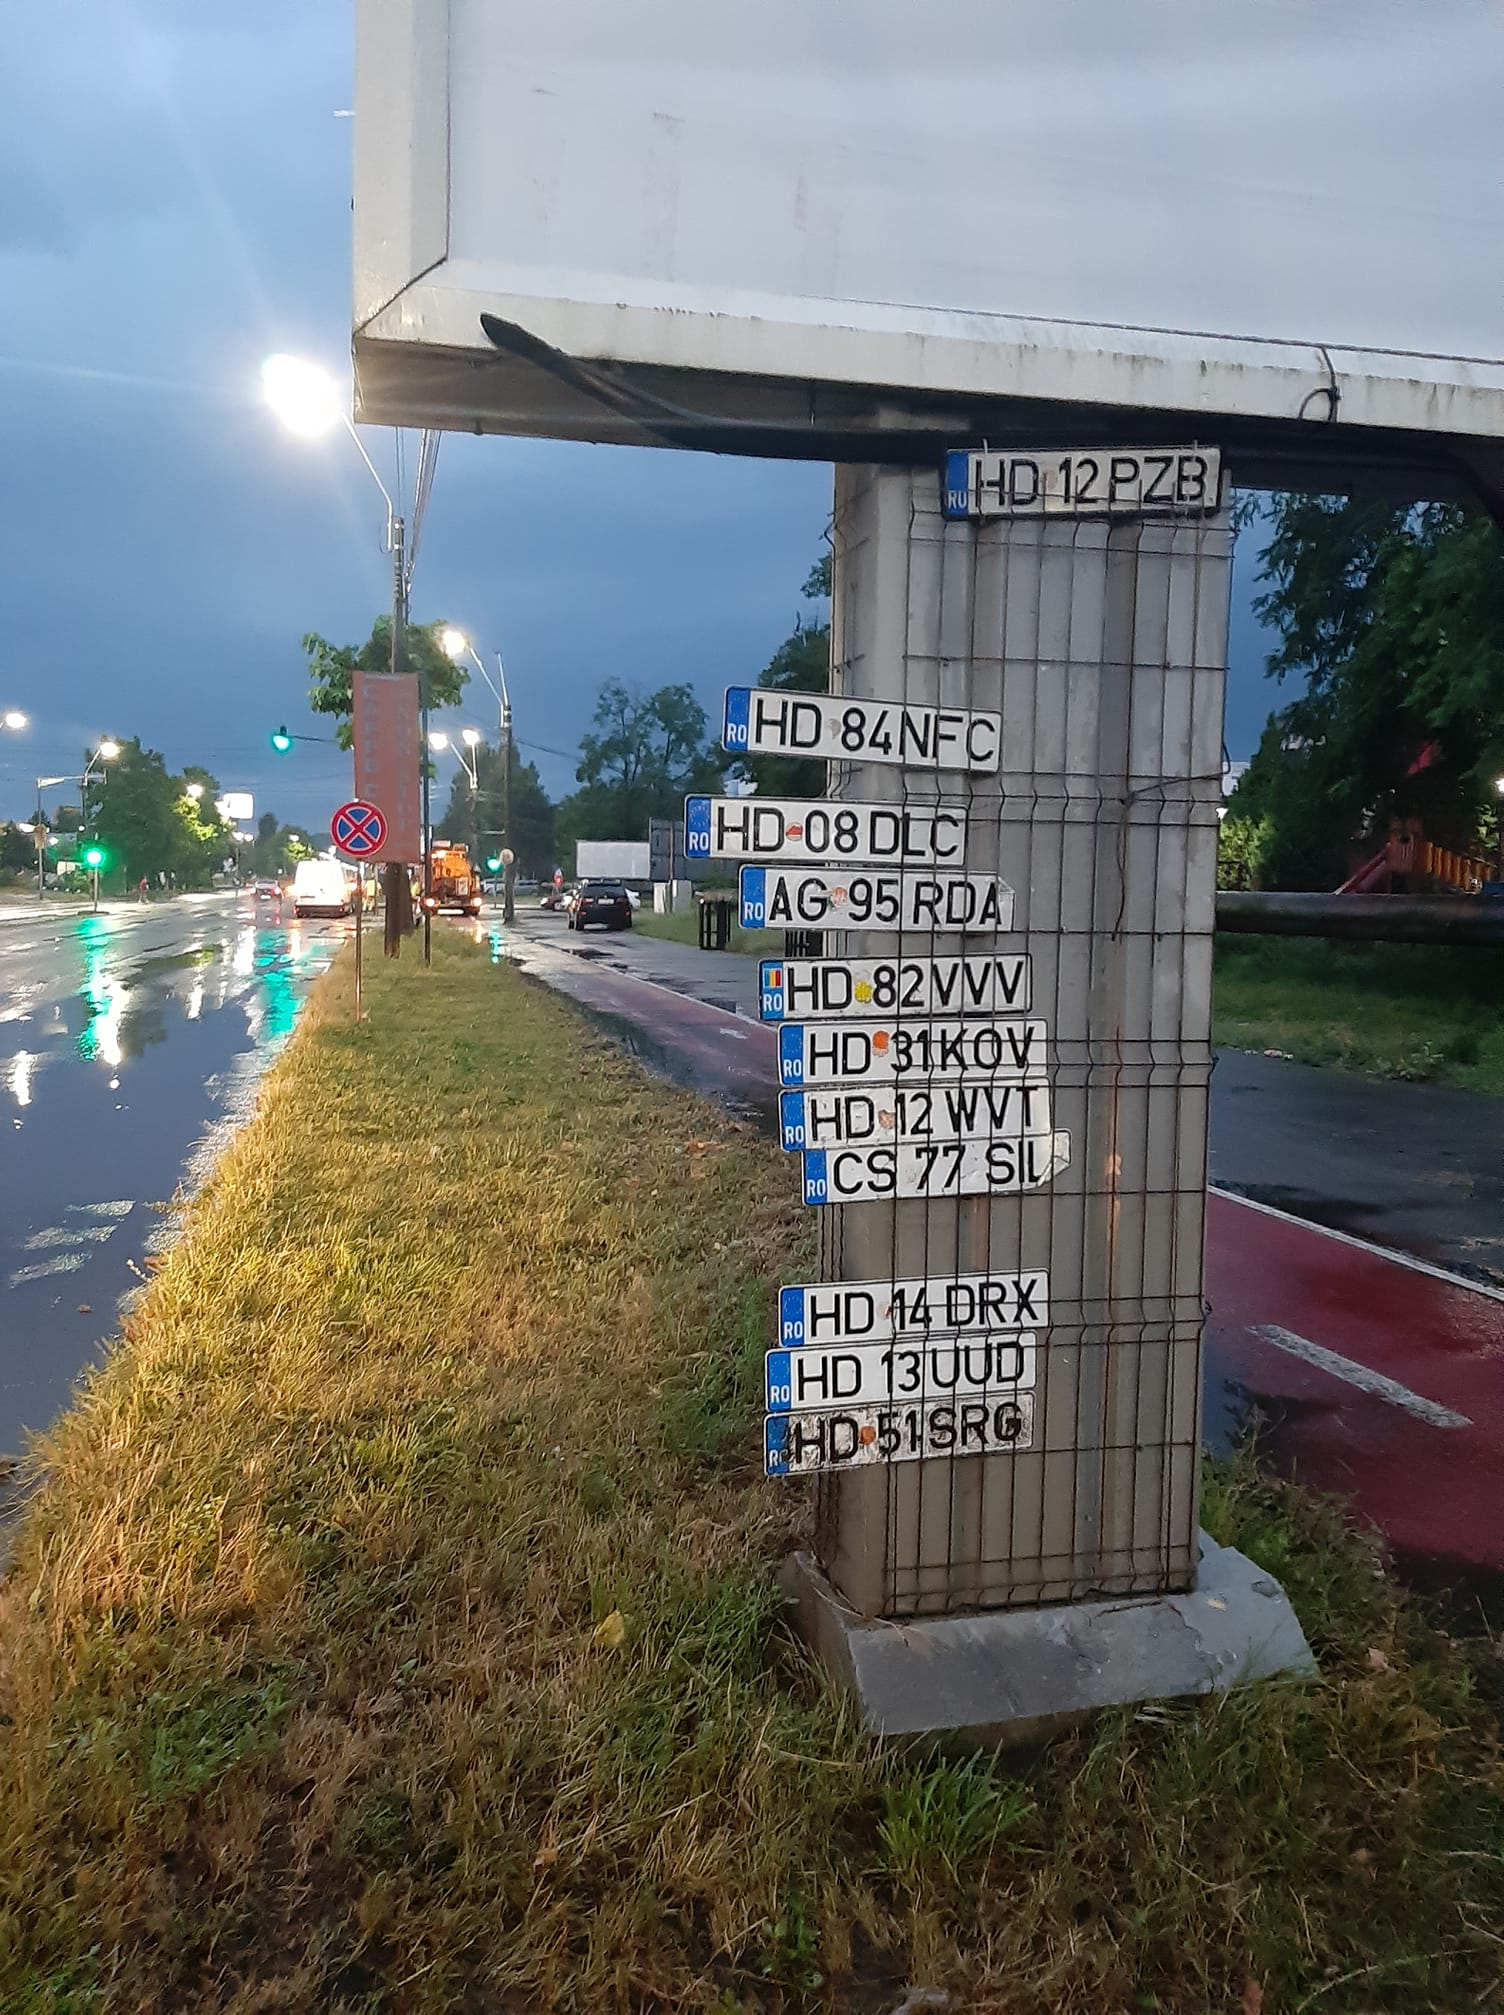 """Plăcuțe de înmatriculare """"căzute la datorie"""", în urma inundațiilor produse la Deva. O parte, găsite și agățate pe un panou publicitar din oraș"""